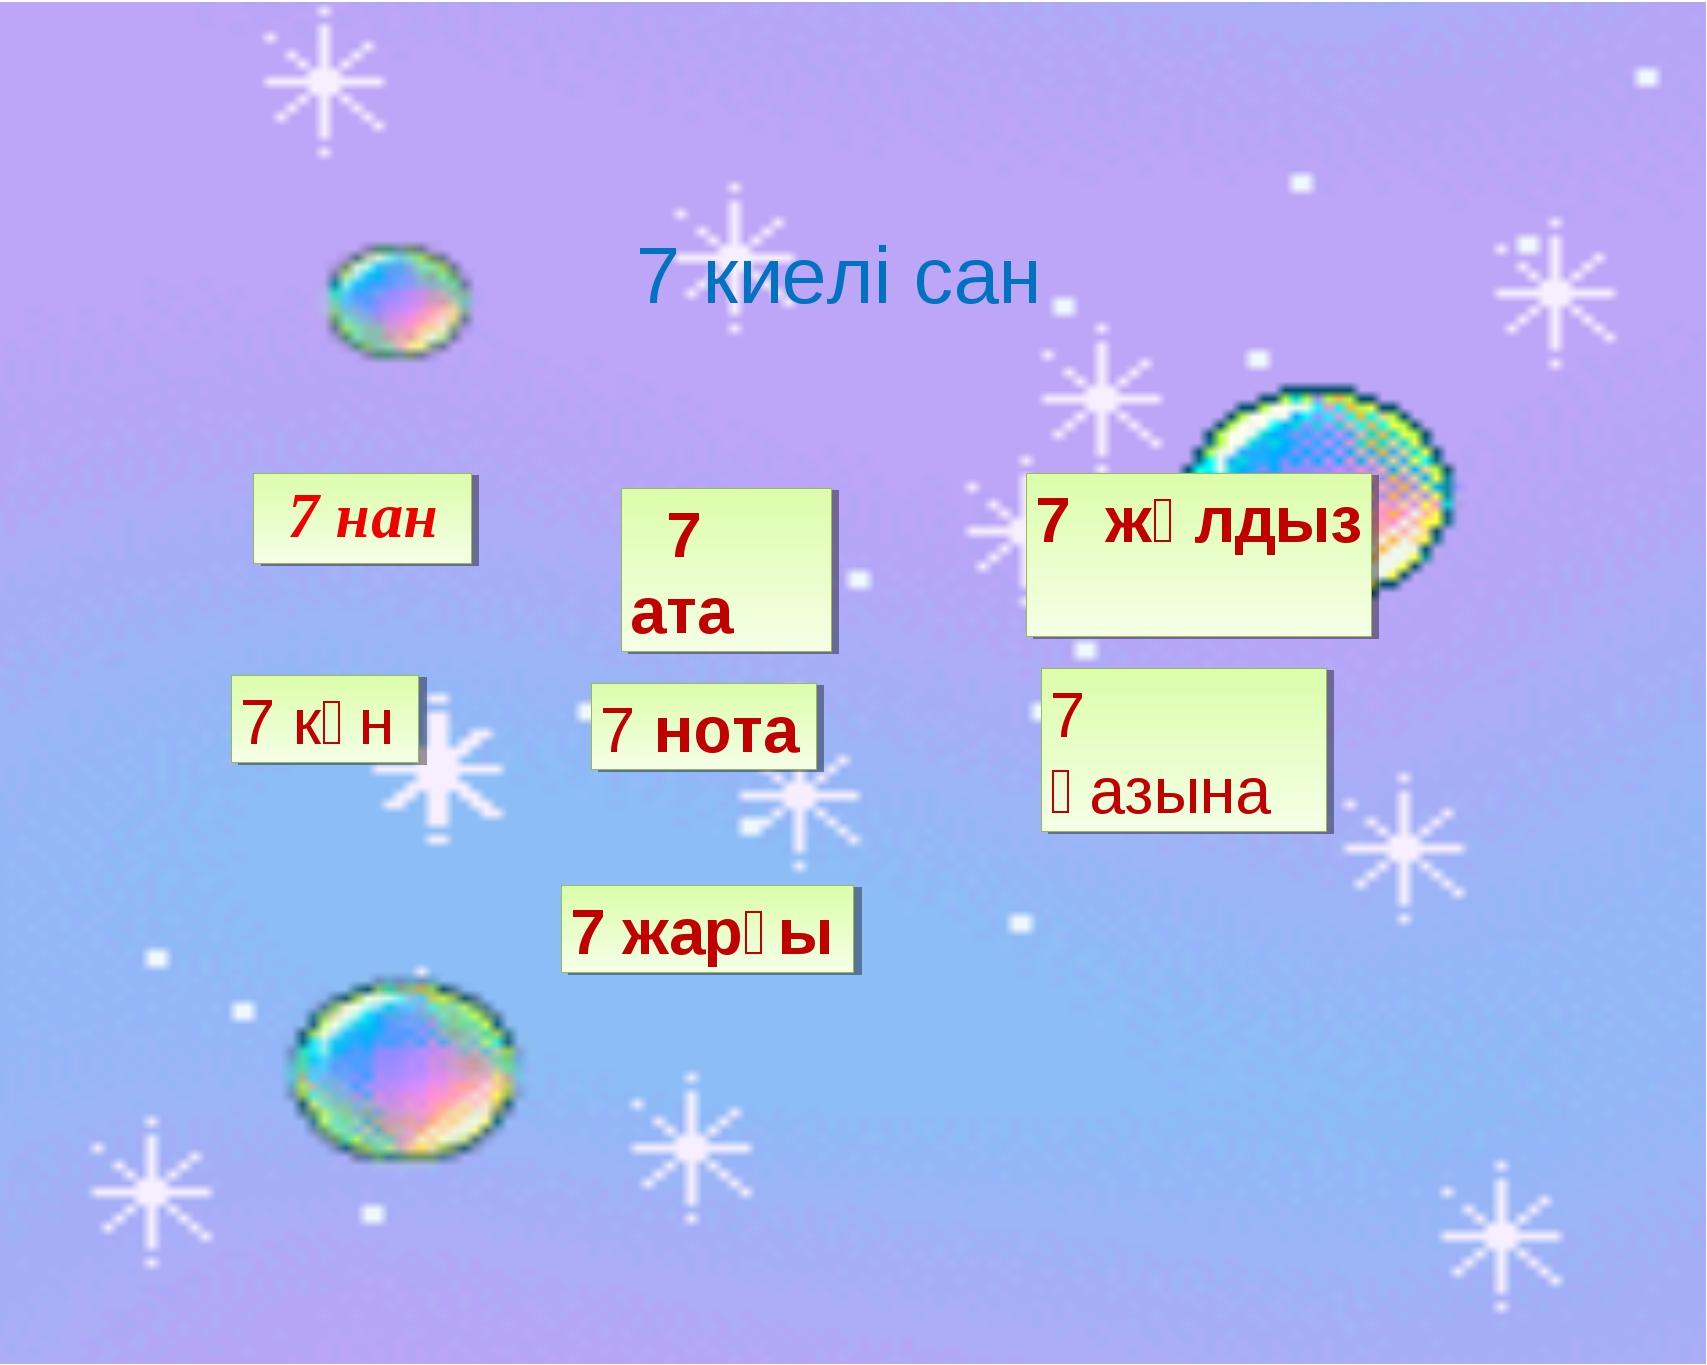 7 киелі сан 7+1= 7 нан 7+2= 7 ата 7+3= 7 жұлдыз 7+4 7 күн 7+5 7 нота 7+6 7 қ...